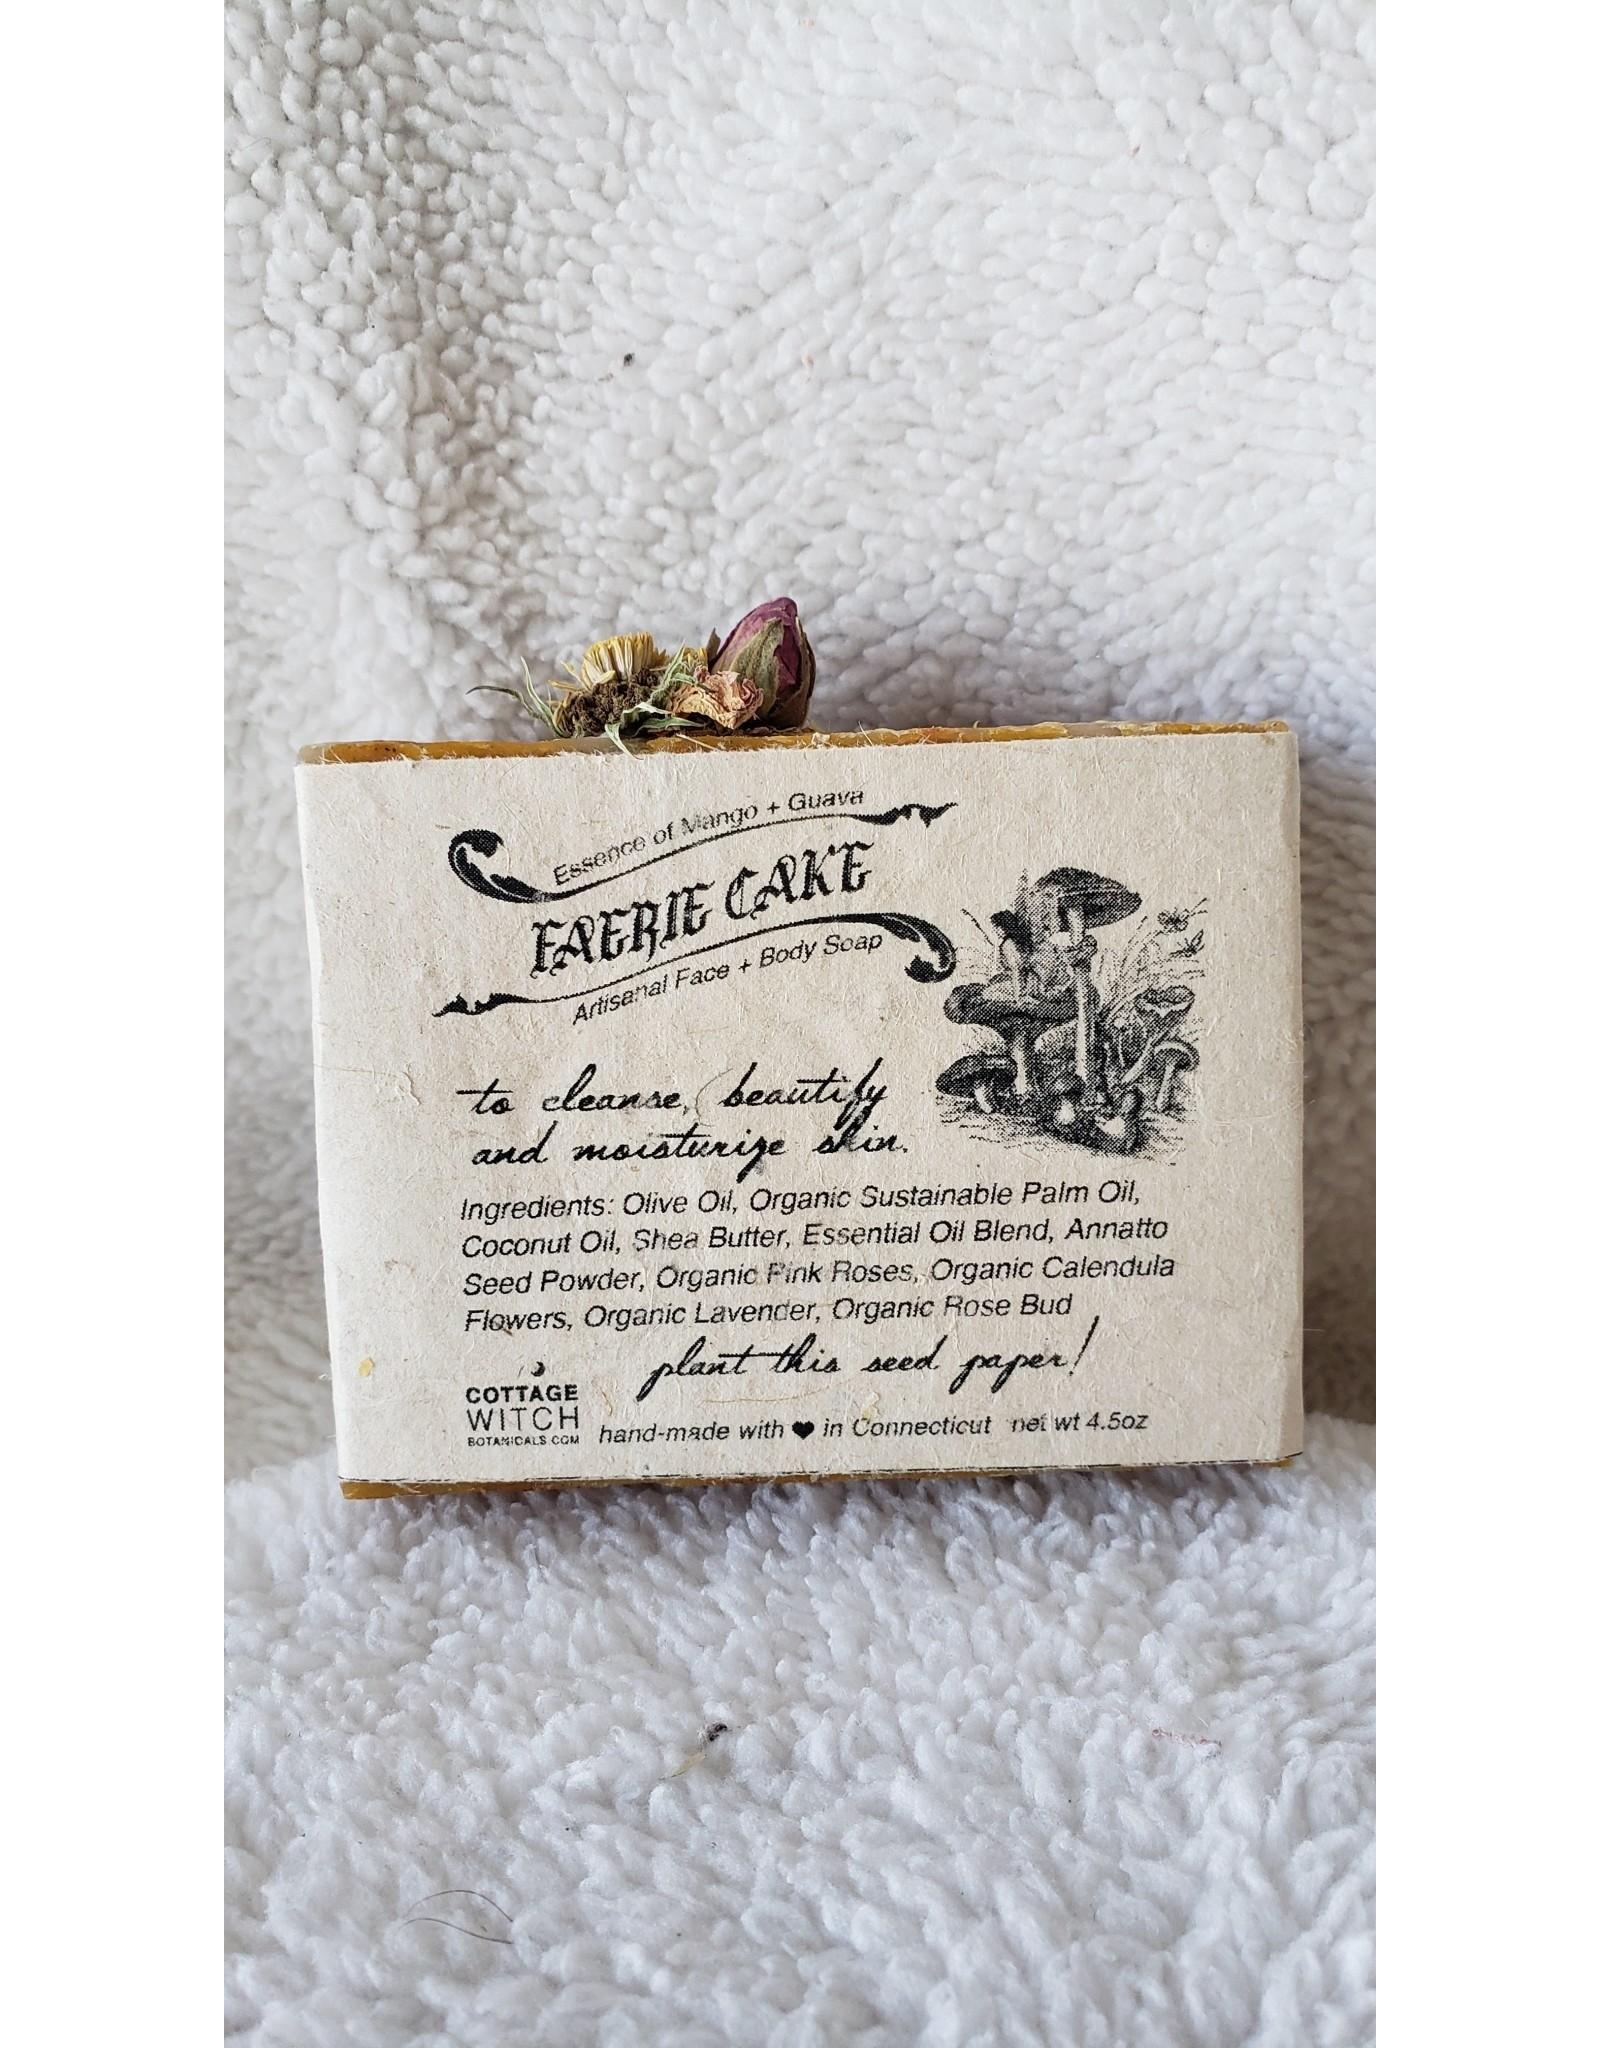 Faerie Cake Facial Soap